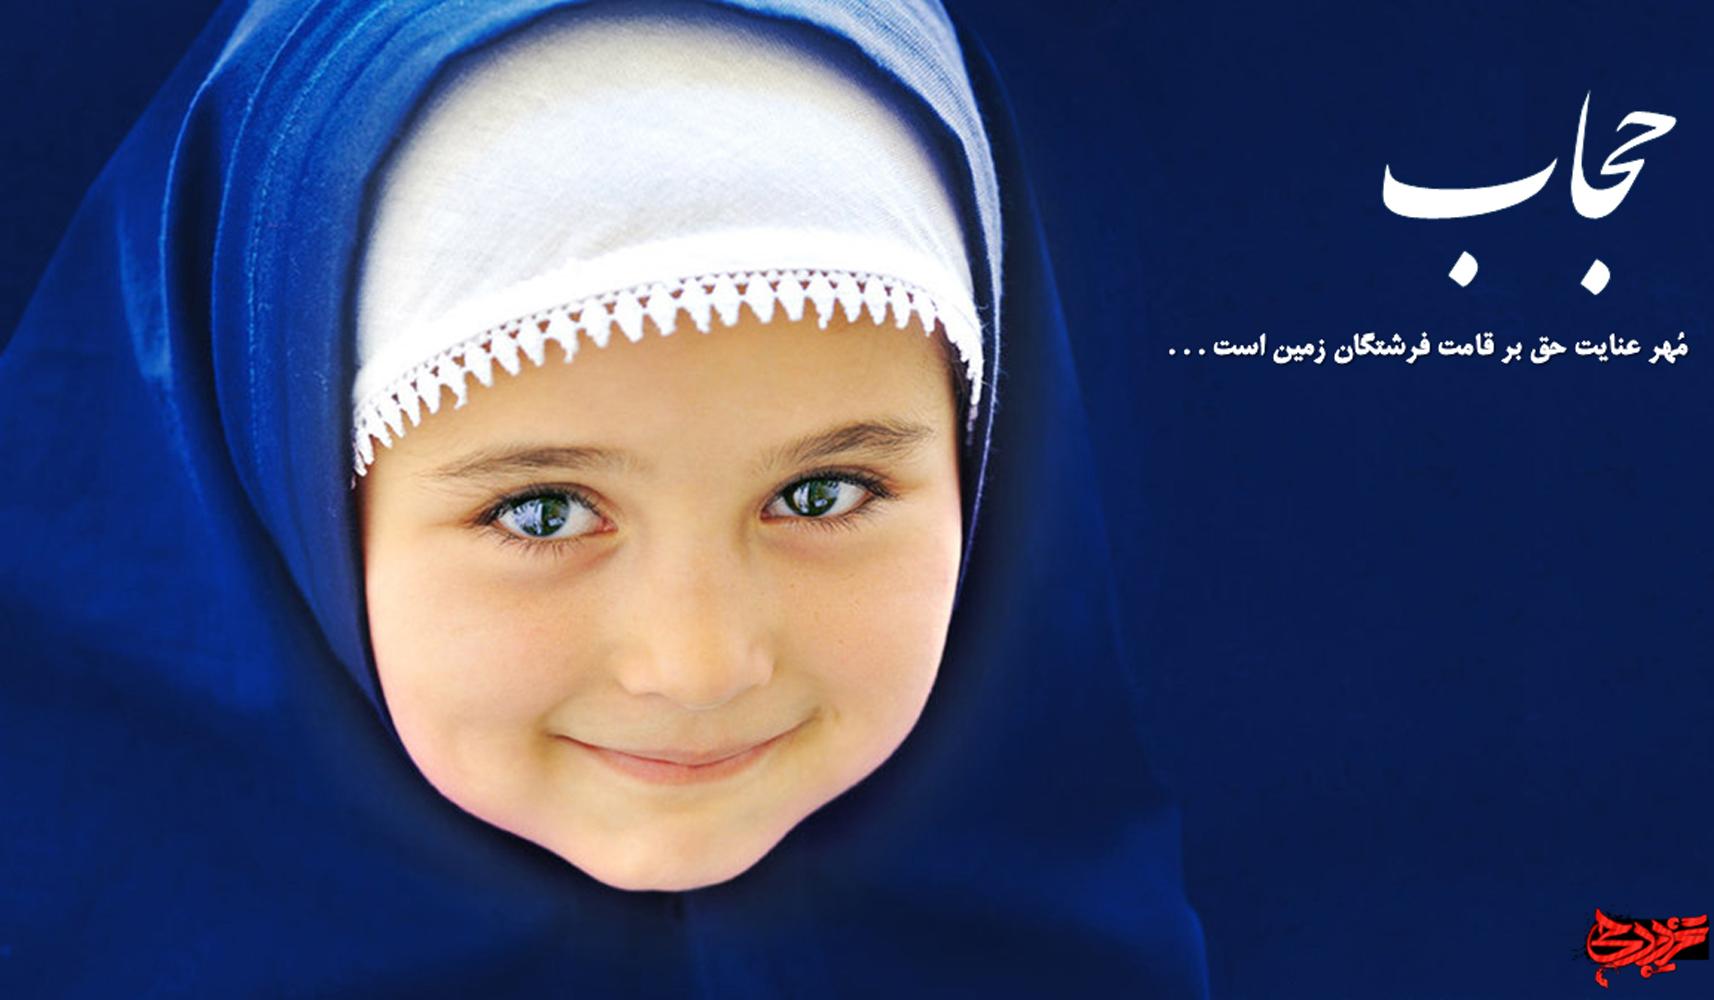 بالصور حجاب اسلامی , اشكال جميلة للحجاب الاسلامى 3278 4